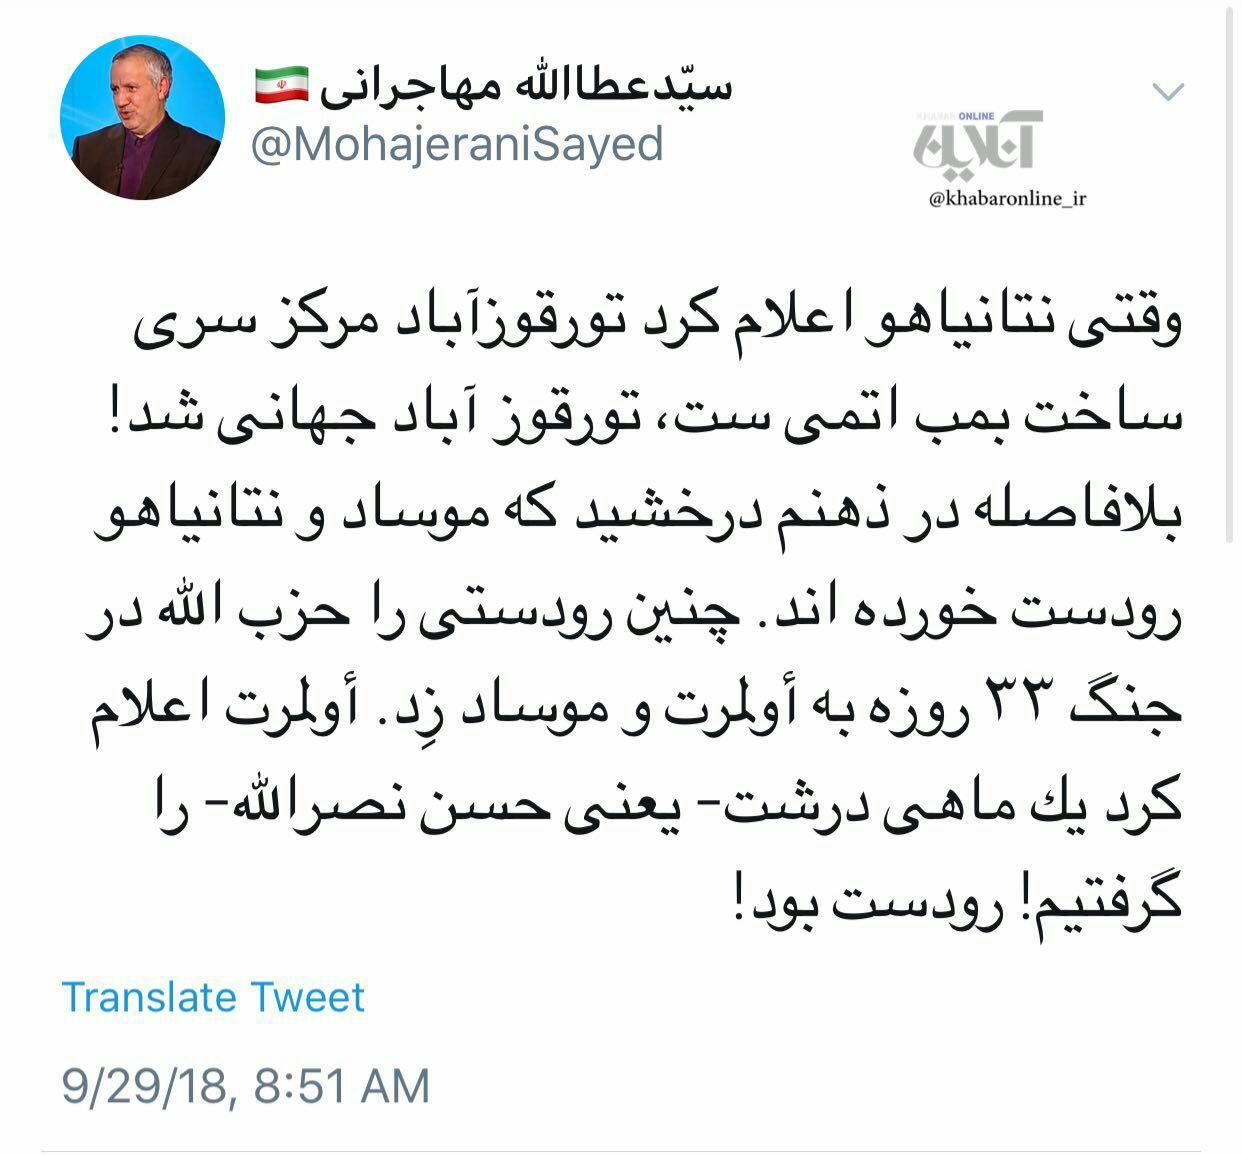 واکنش مهاجرانی به سخنرانی نتانیاهو درباره تورقوزآباد - 0